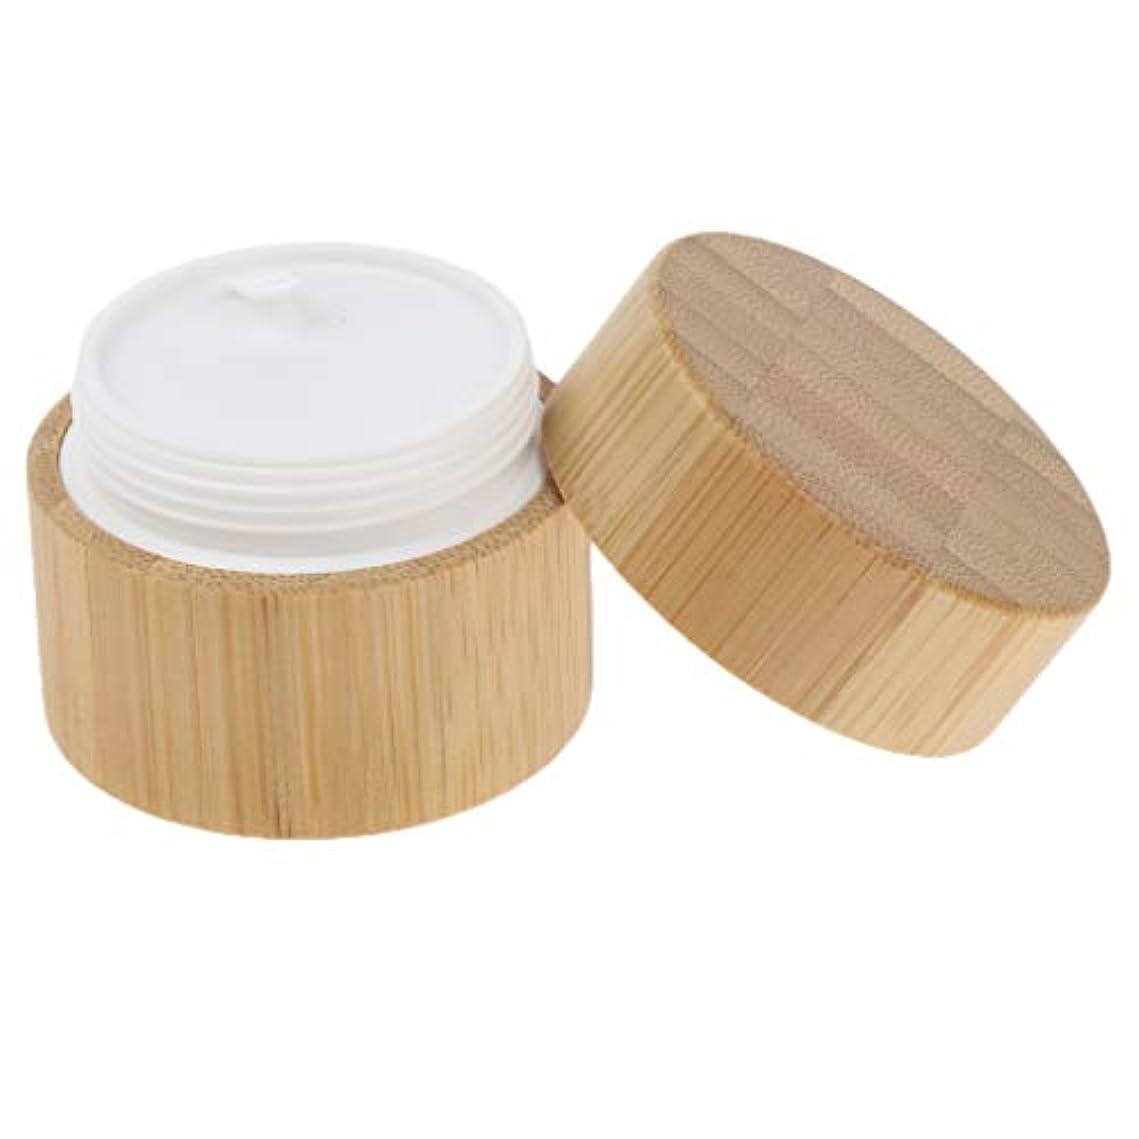 恐れ安定しました満了ナチュラル 竹木 ラウンド クリームコンテナ リップバーム コスメ 化粧品容器 2サイズ選べ - 30g